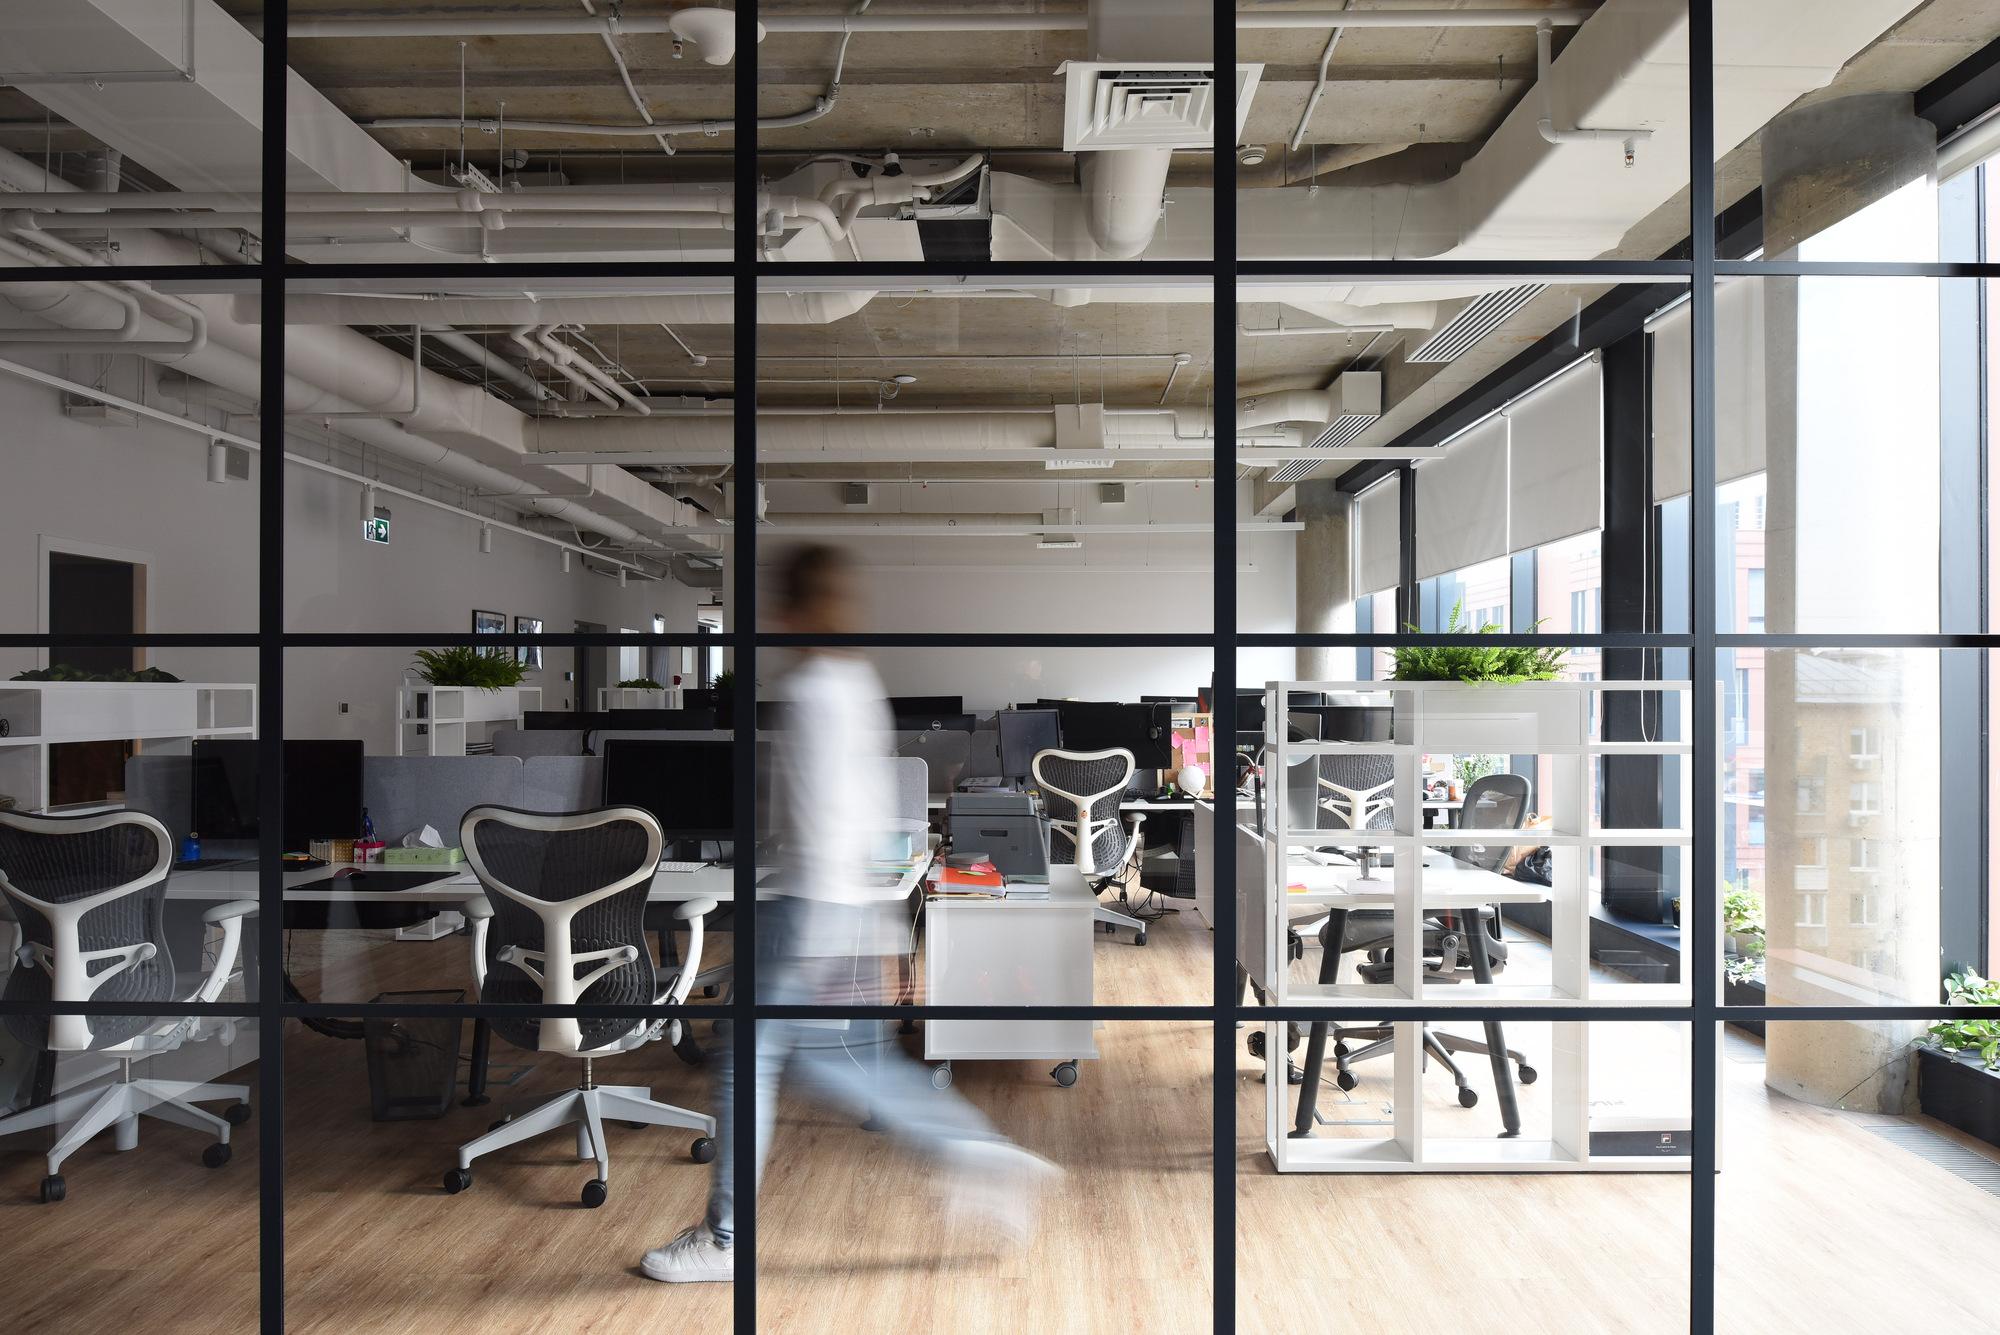 办公室空间设计- 2.jpg